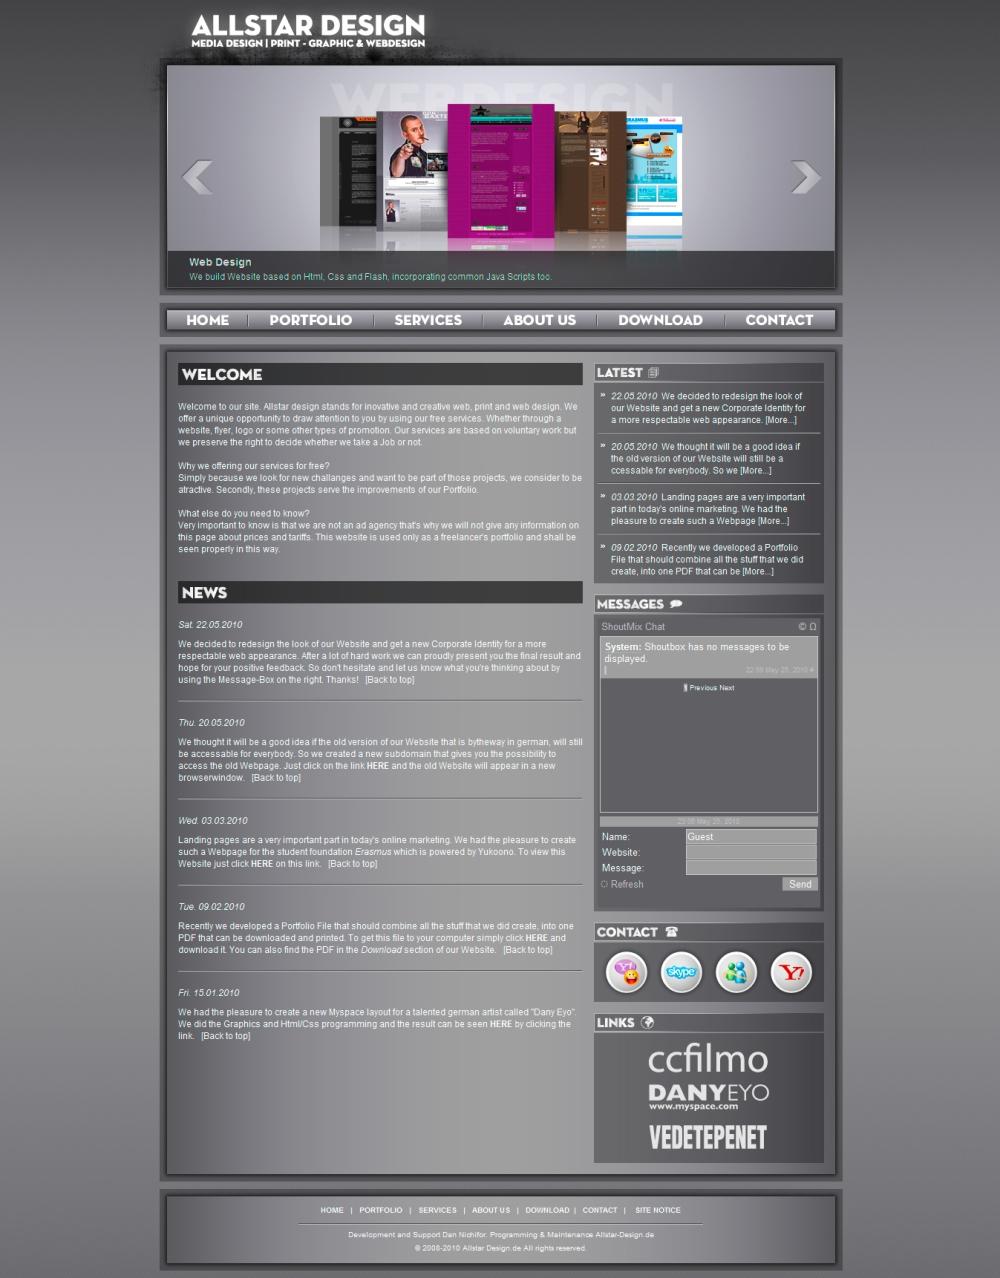 allstar-design2010